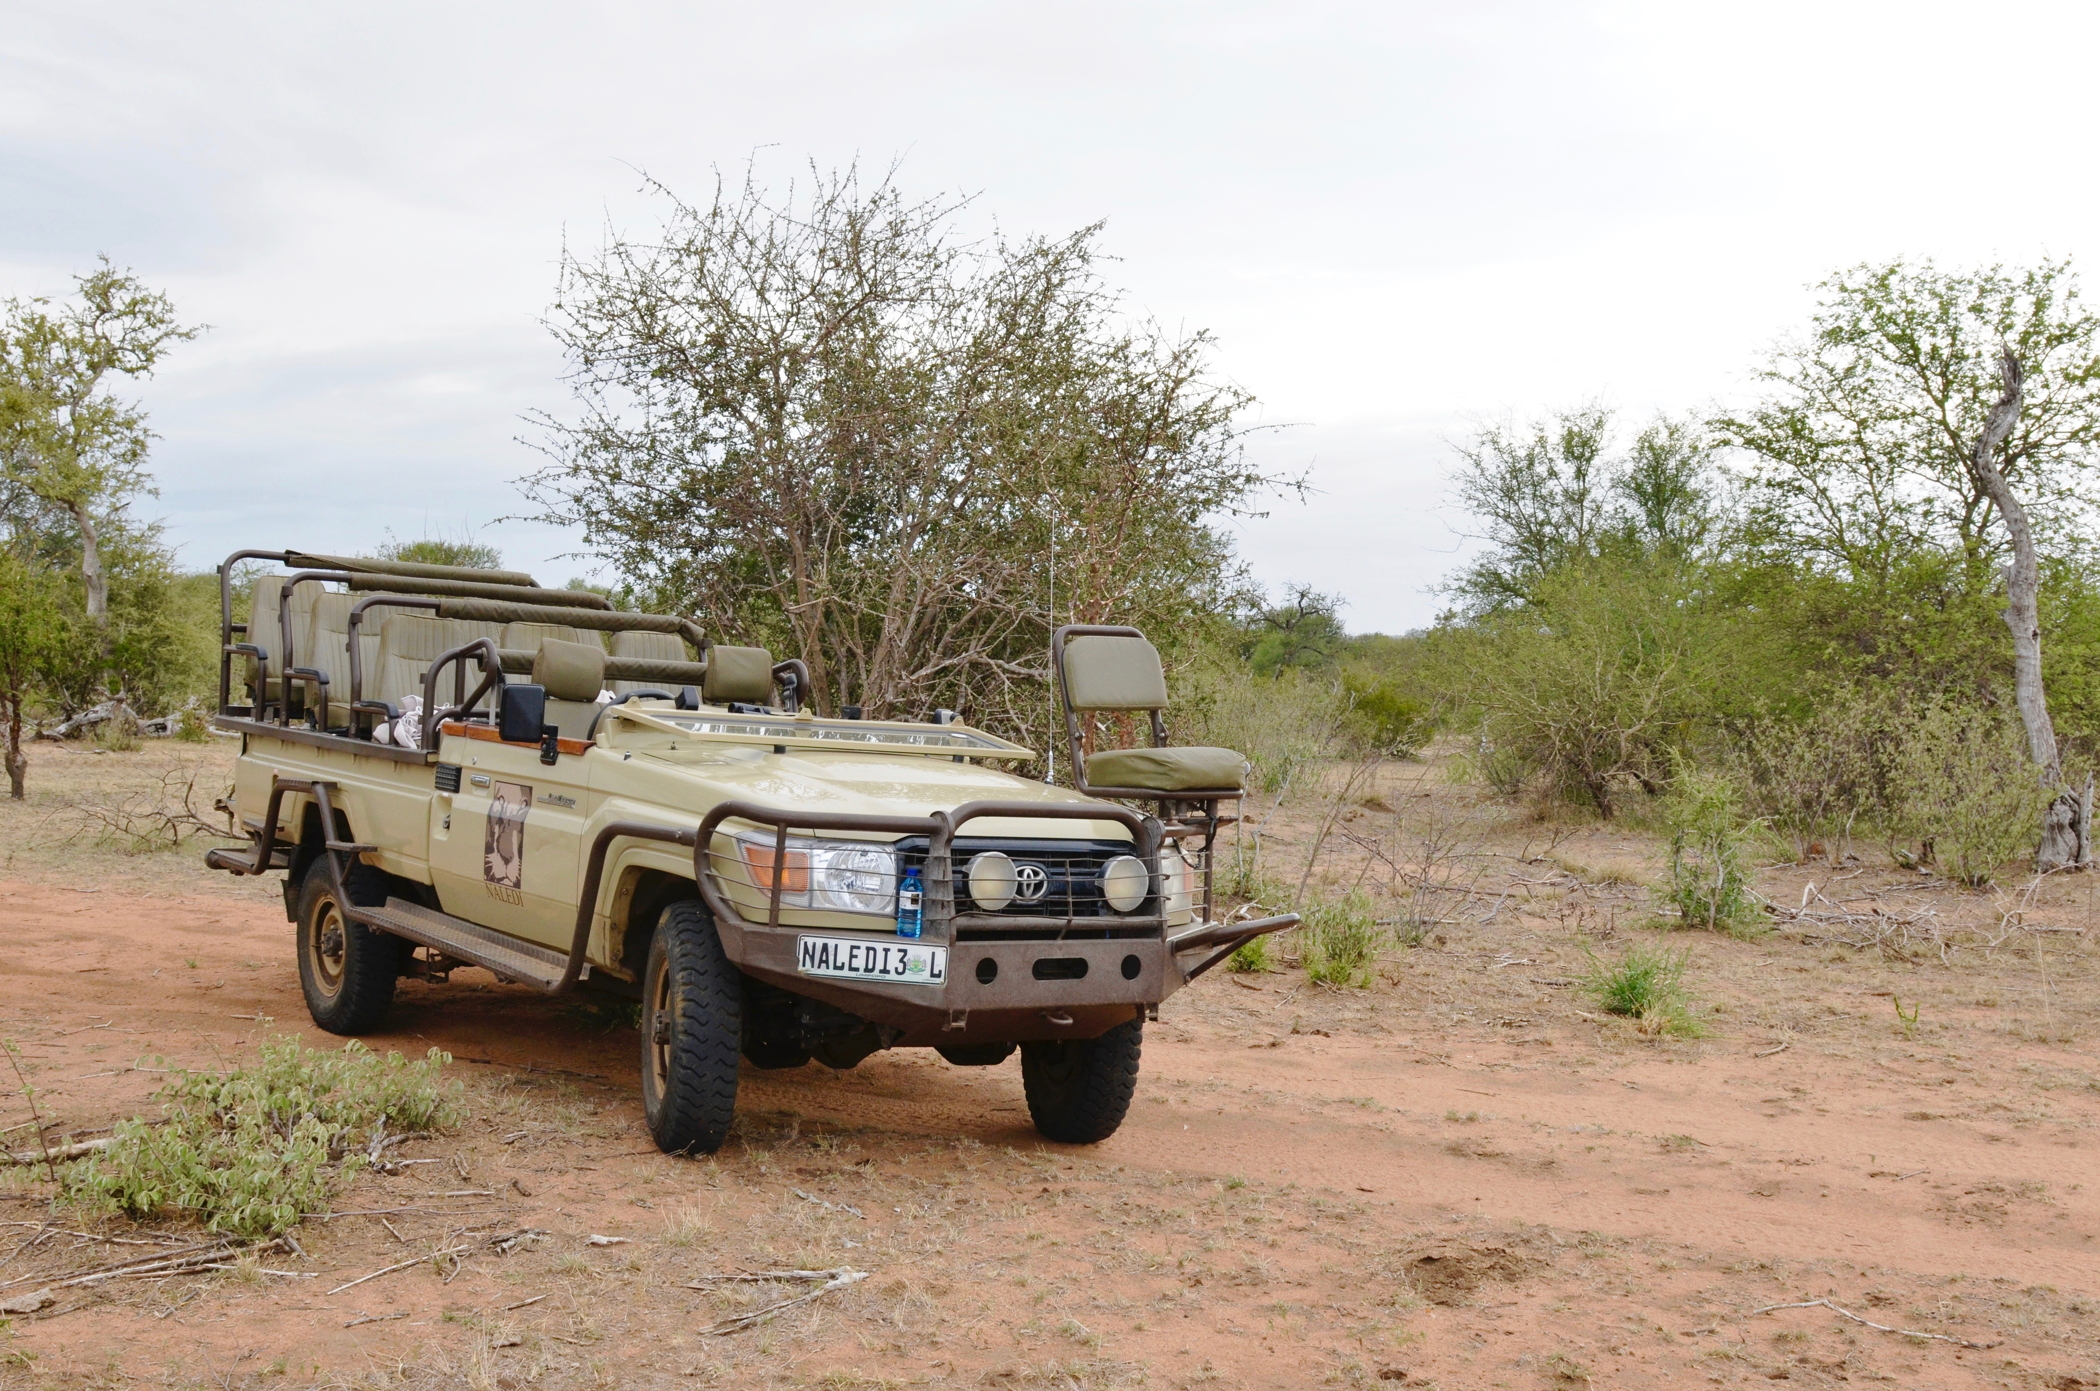 Ein Südafrika Roadtrip mit dem Safariwagen im Nationalpark